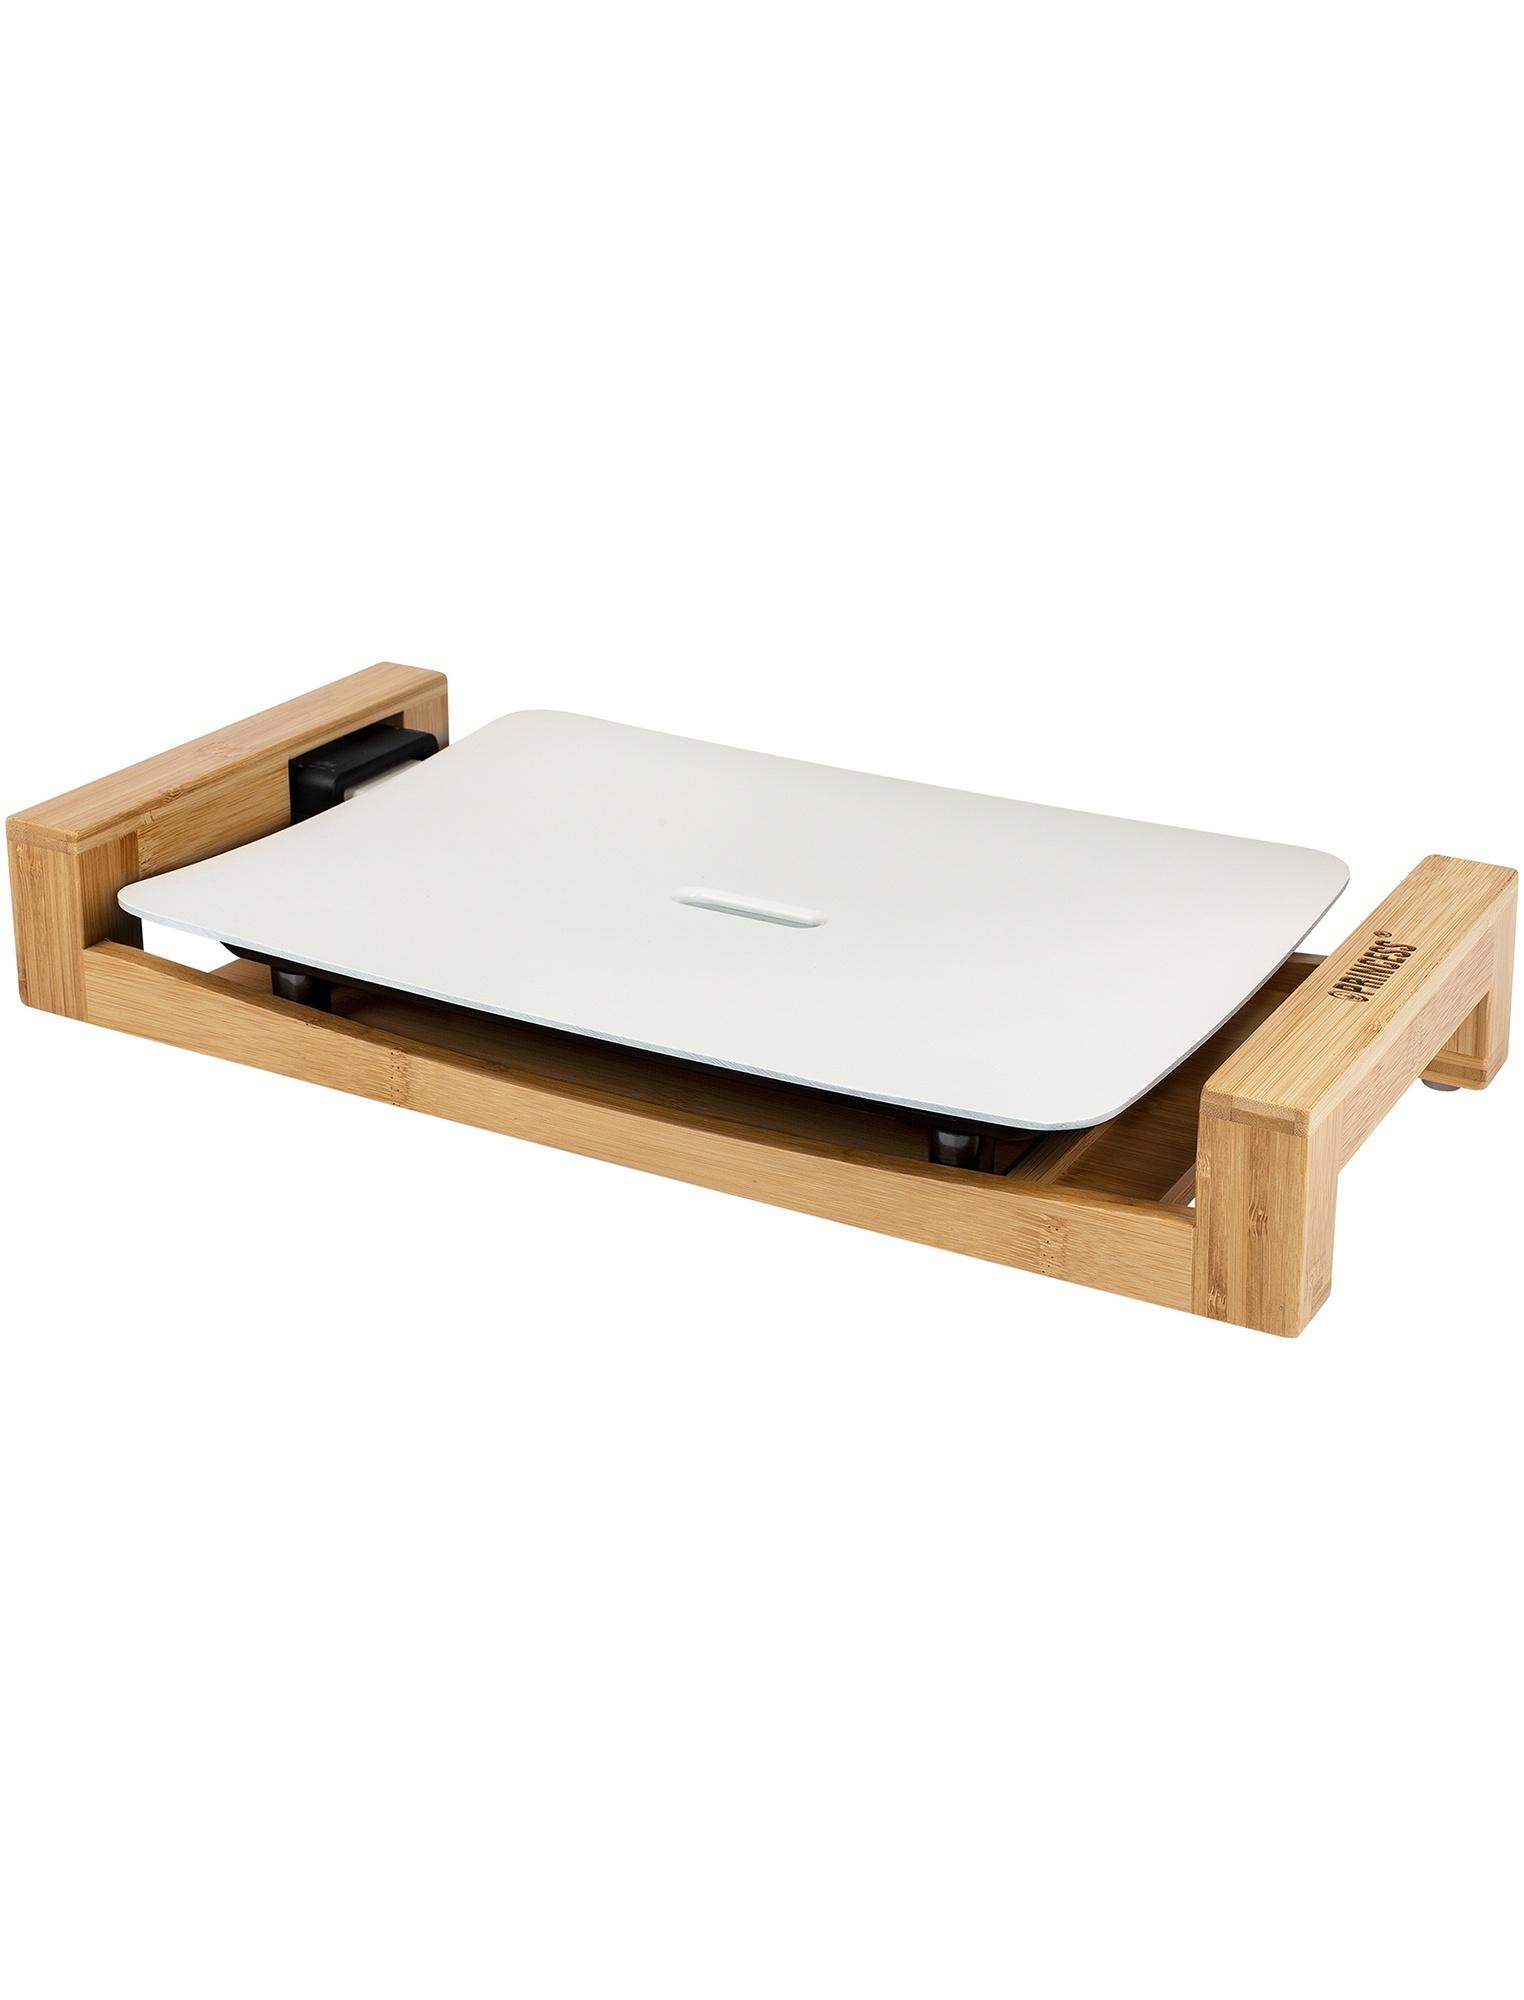 白いホットプレート/テーブルグリルミニピュア